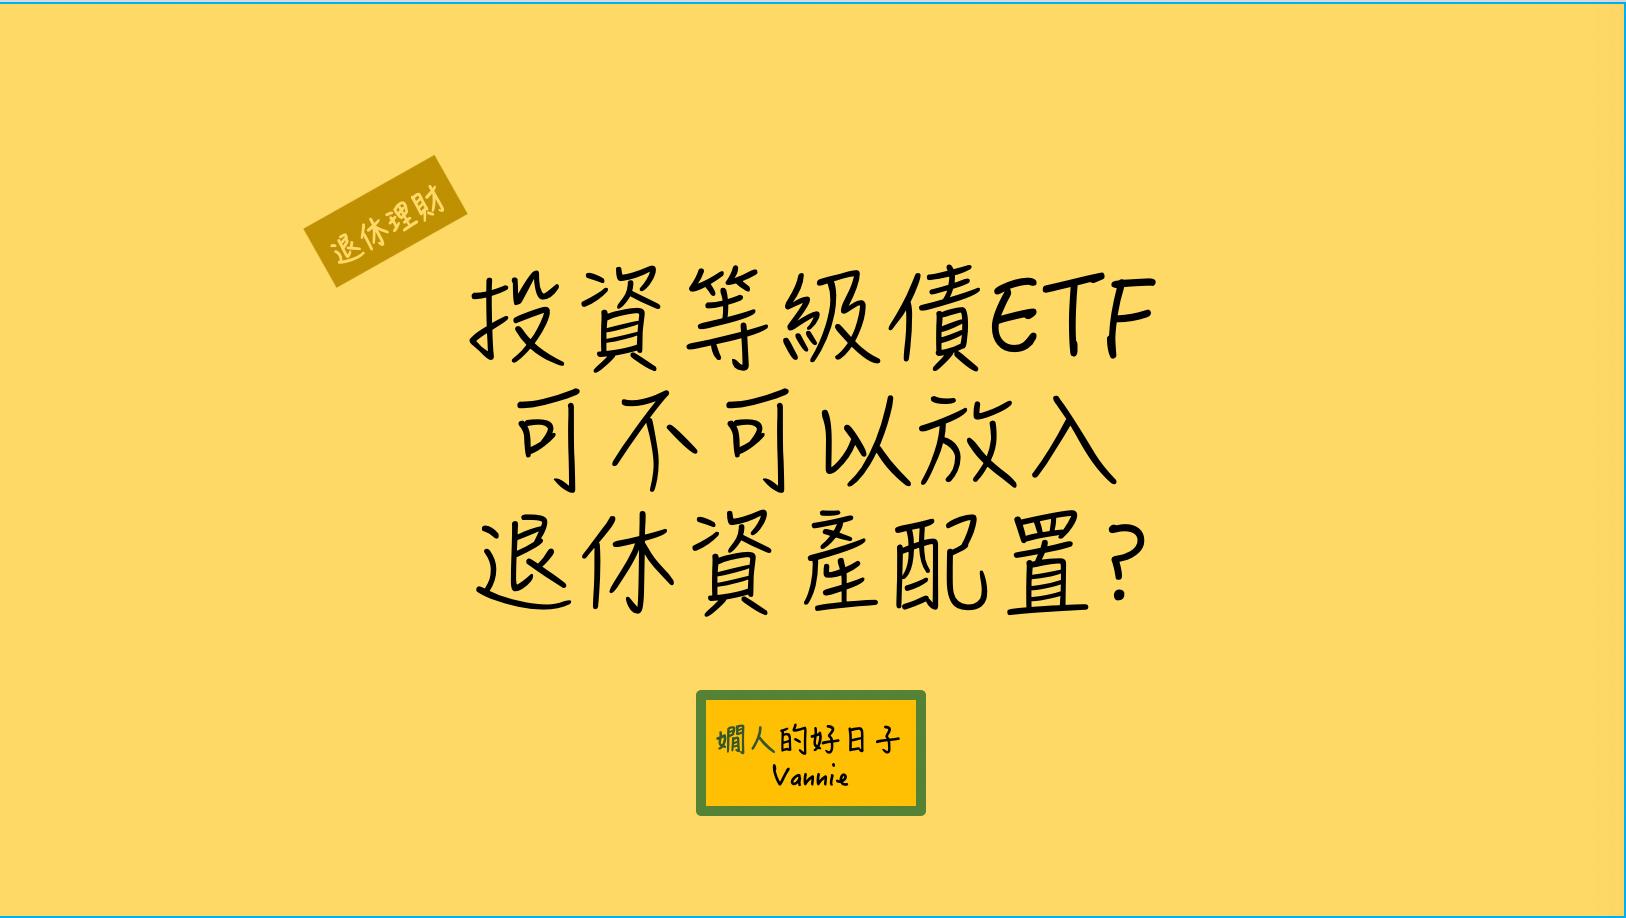 投資等級債ETF 可不可以納入退休資產配置?